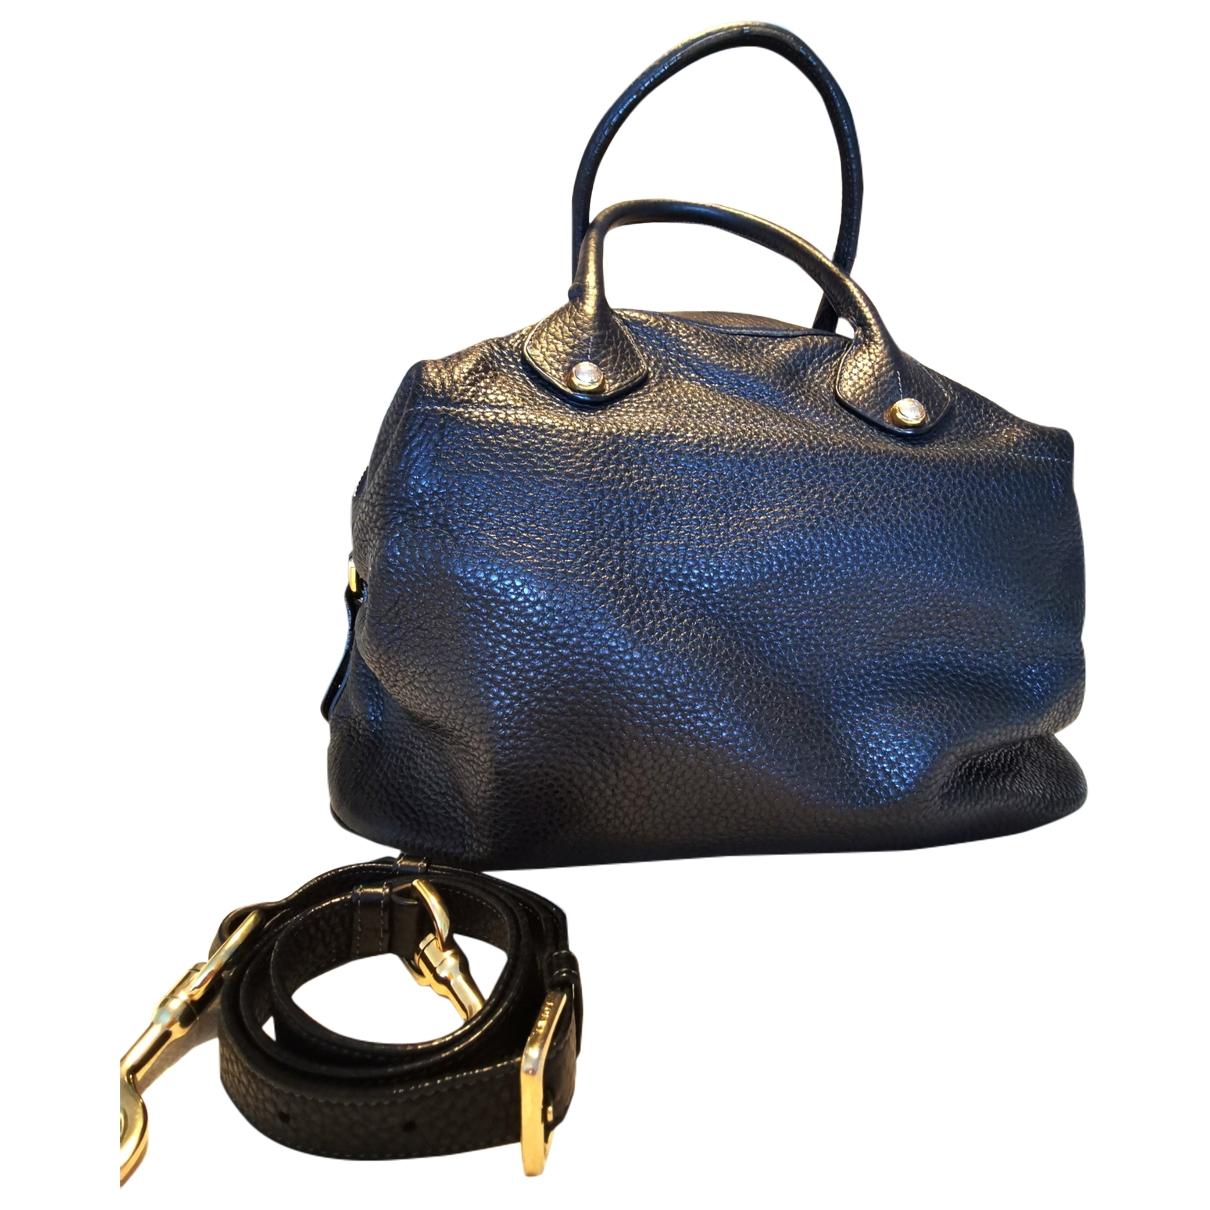 Loewe \N Handtasche in  Schwarz Vogelstrauss